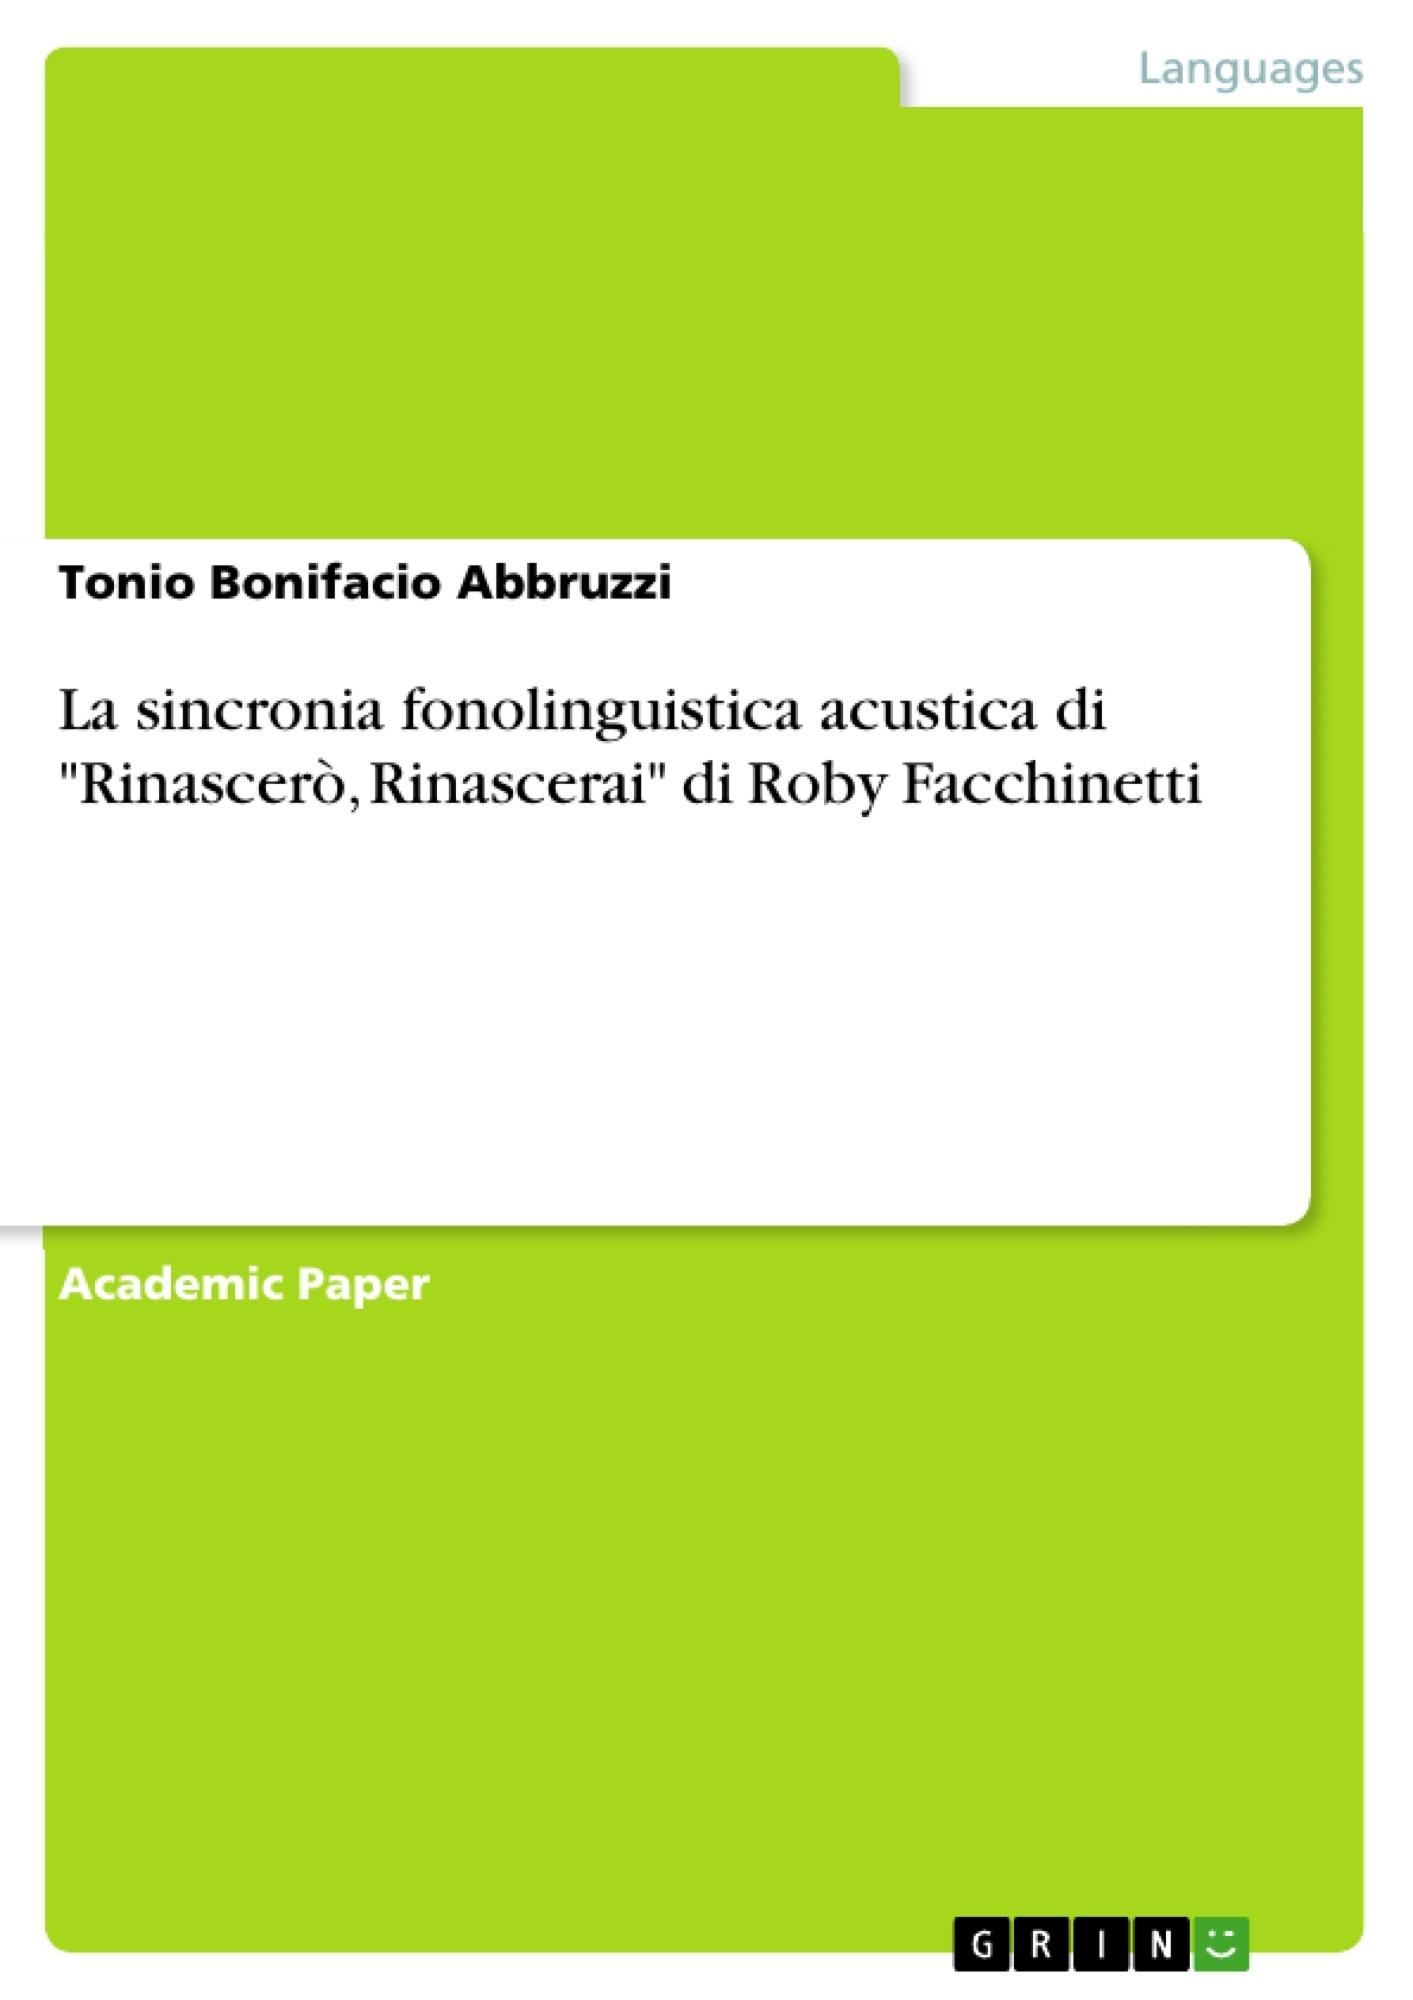 """Title: La sincronia fonolinguistica acustica di """"Rinascerò, Rinascerai"""" di Roby Facchinetti"""